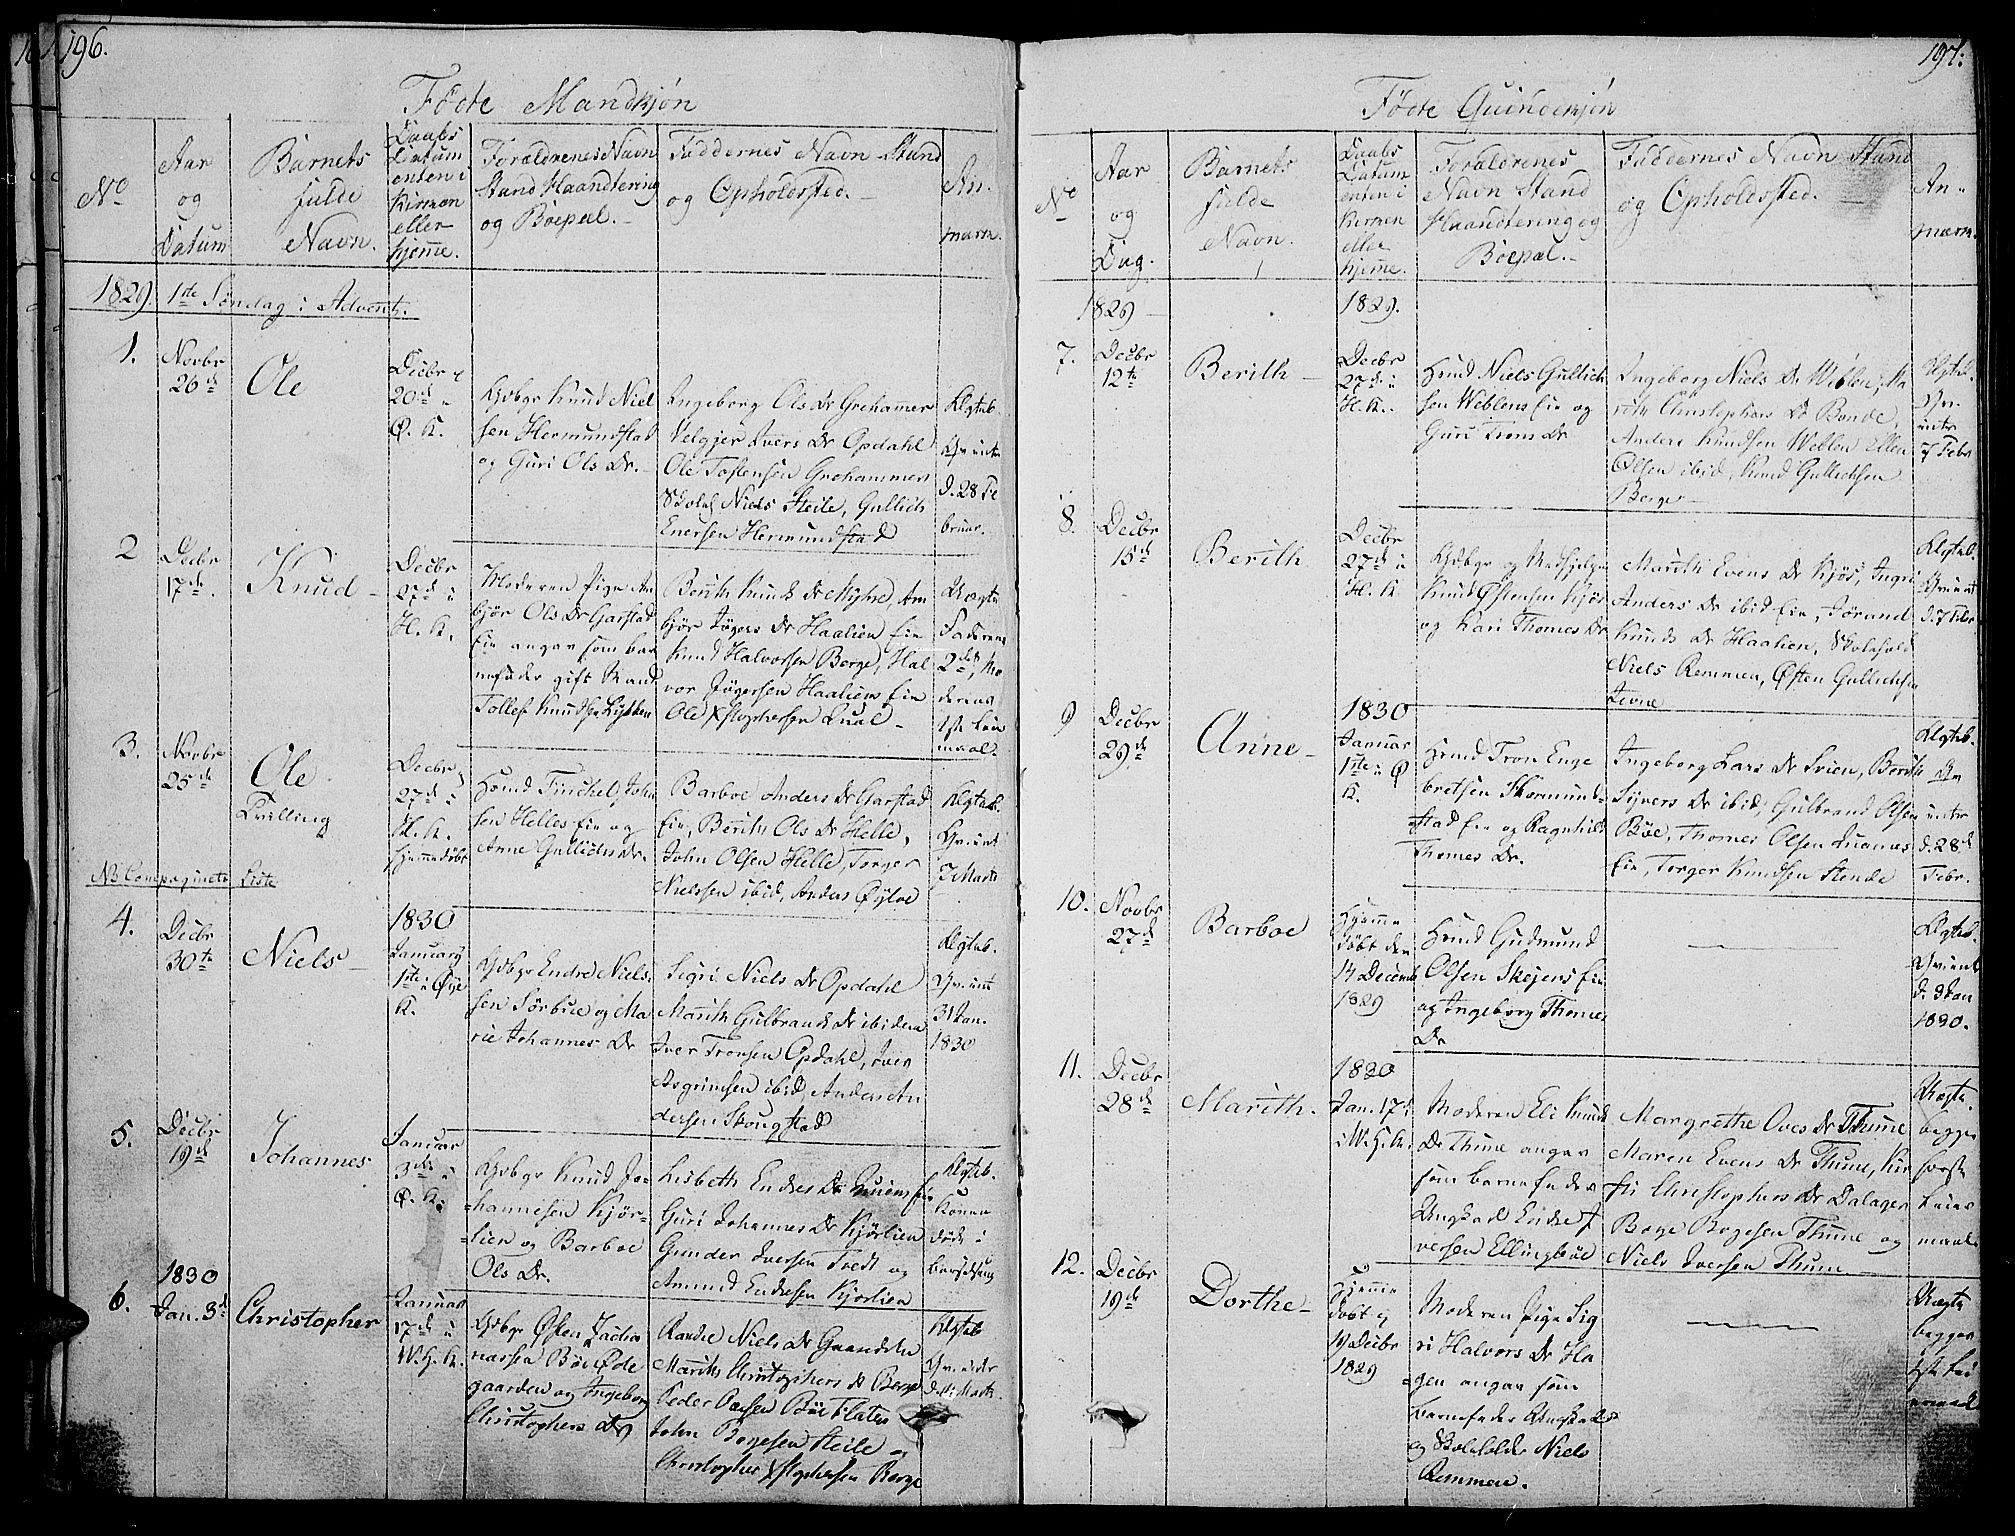 SAH, Vang prestekontor, Valdres, Ministerialbok nr. 3, 1809-1831, s. 196-197